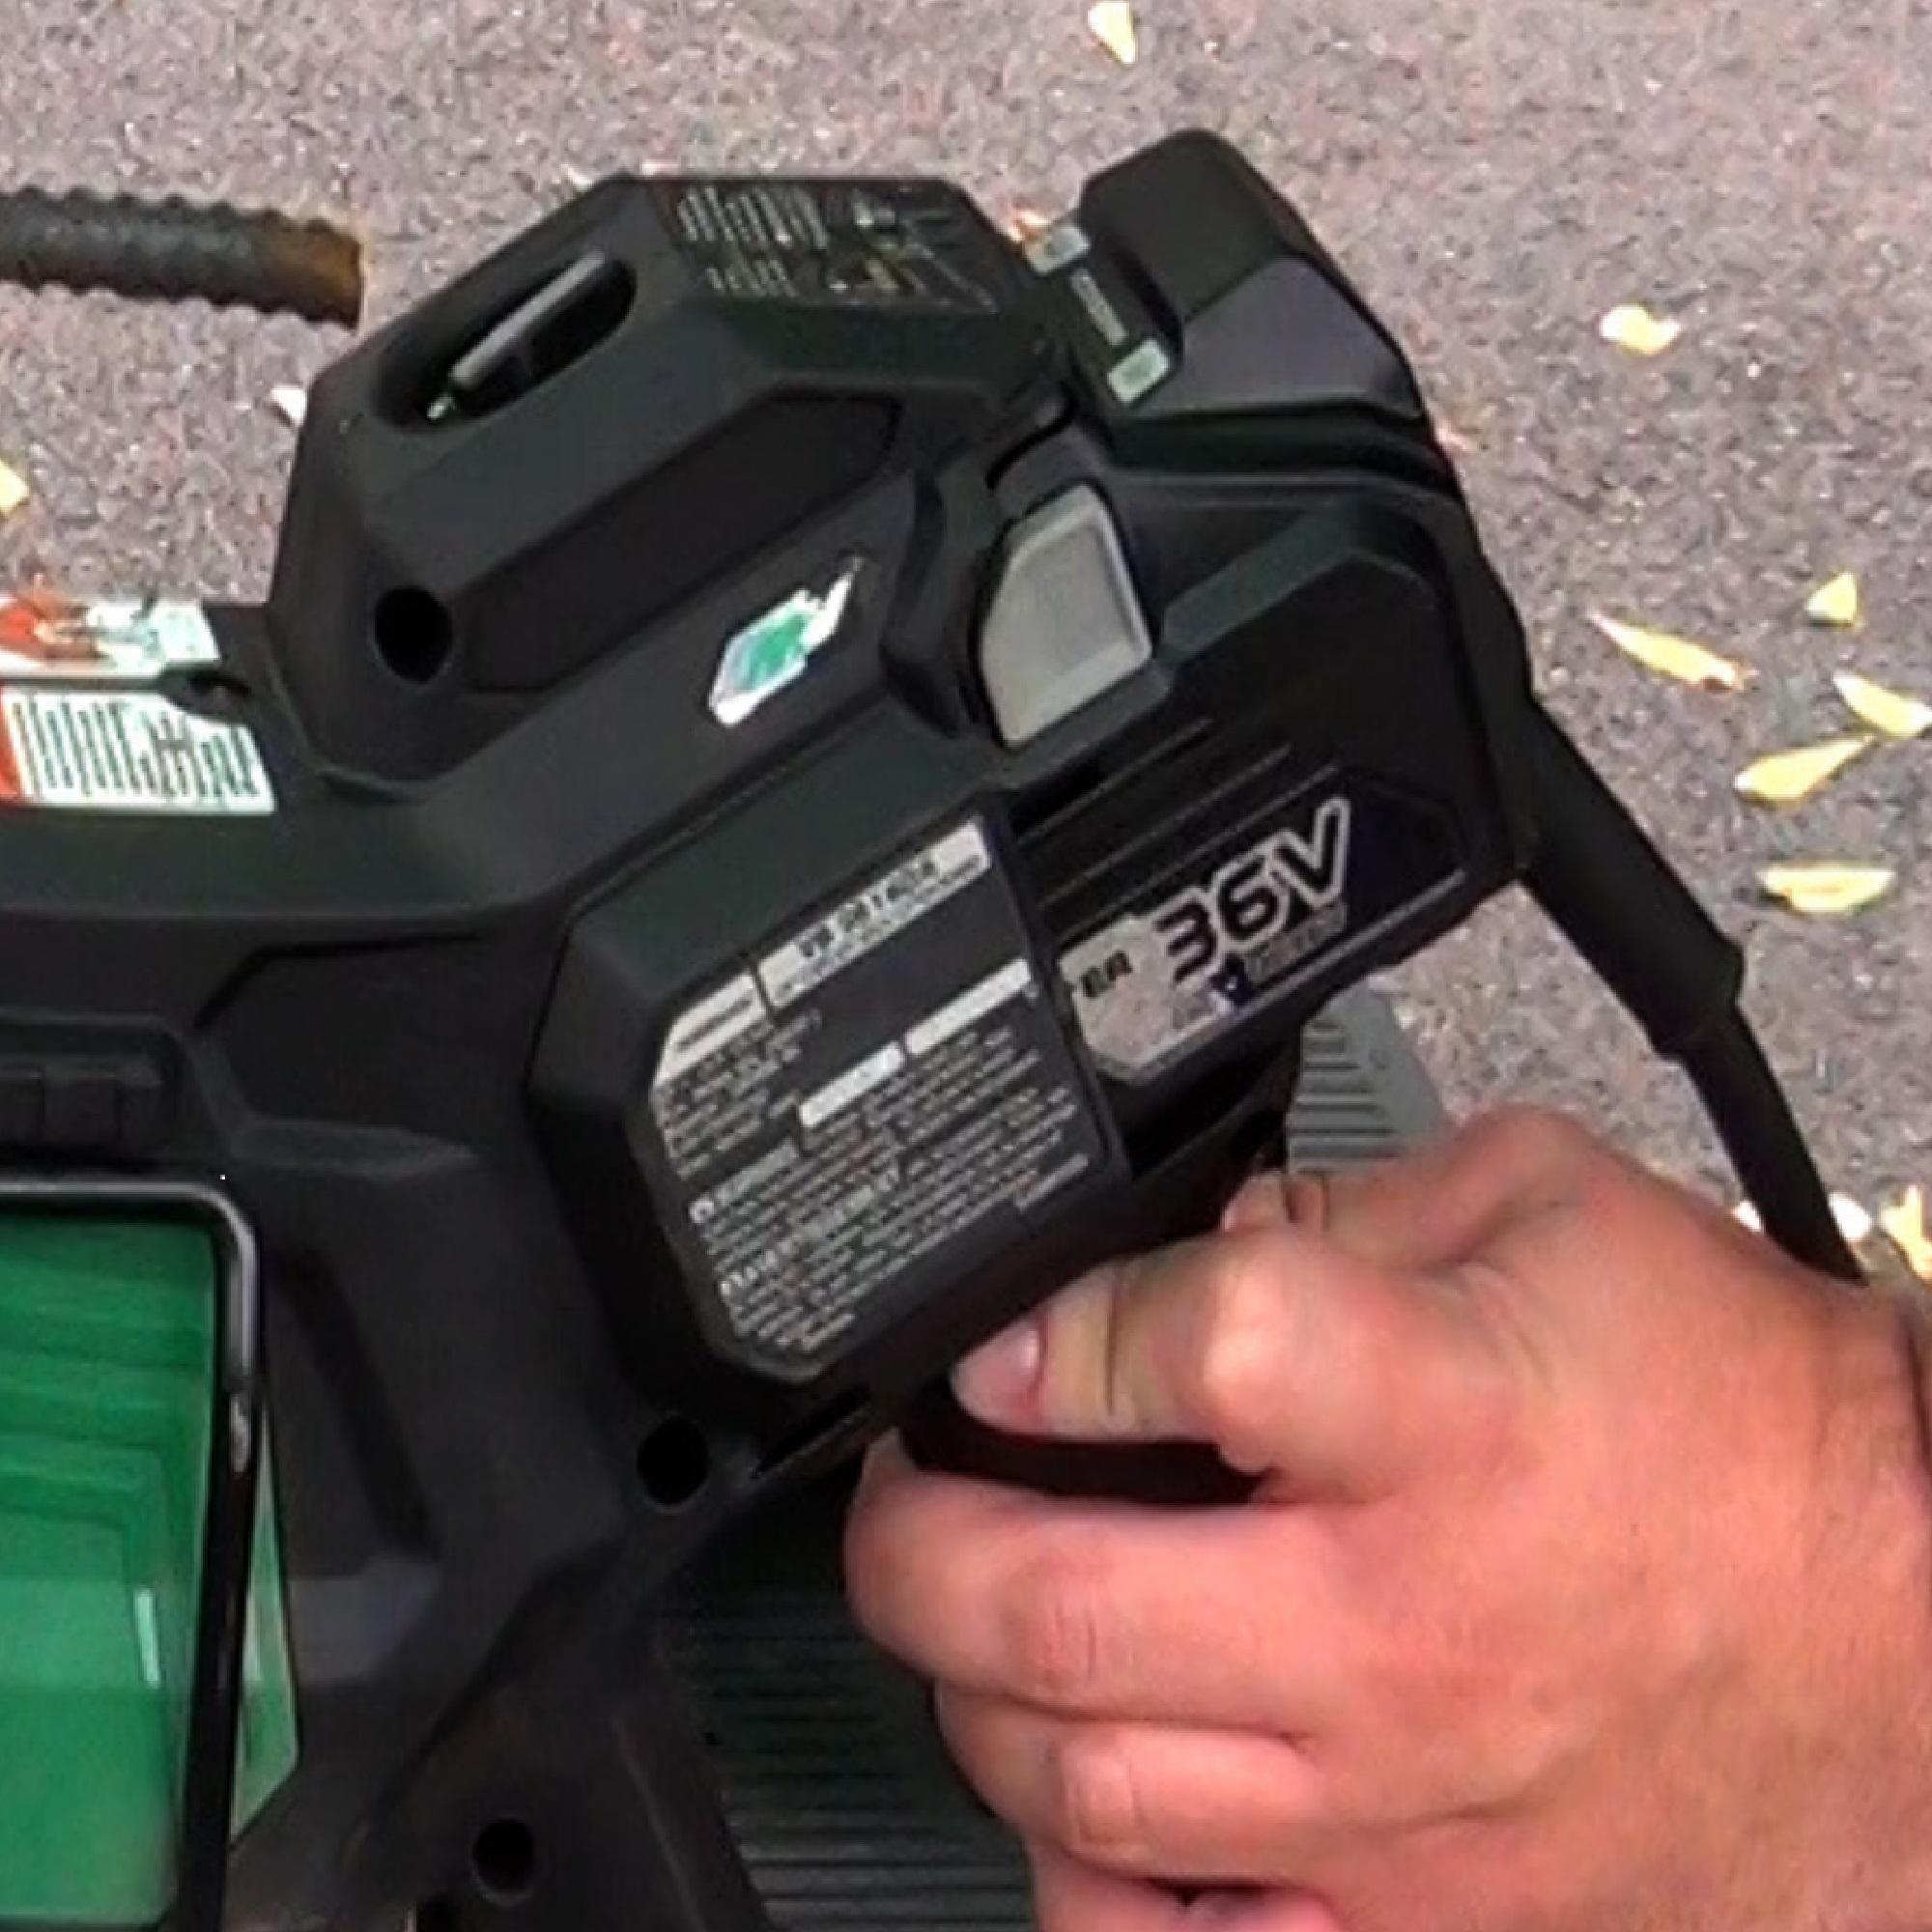 VB3616DA - Dual Power Convenience